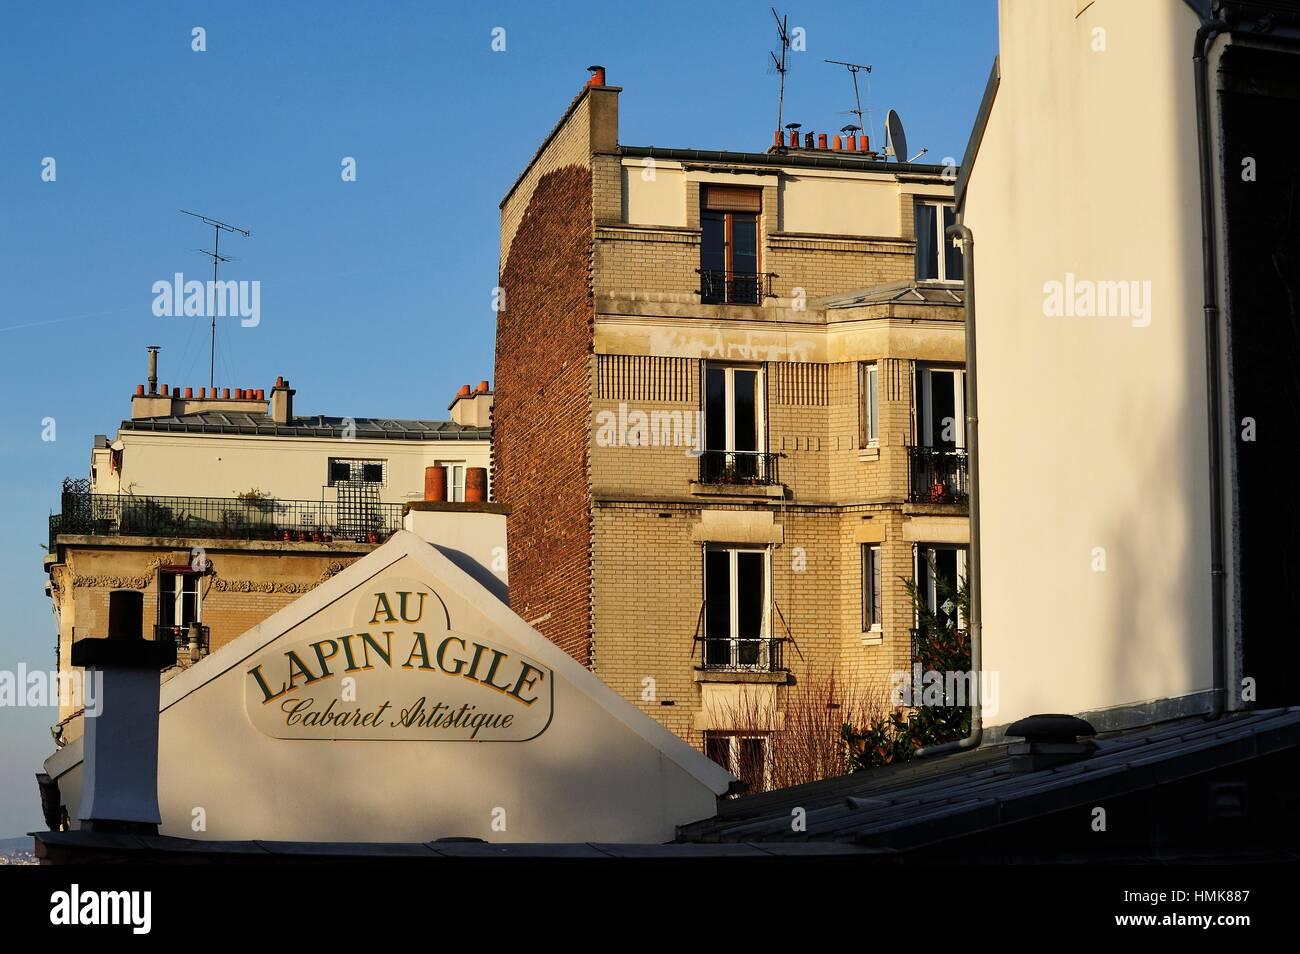 Au Lapin Agile Cabaret, quartiere di Montmartre, Paris, Francia. Immagini Stock